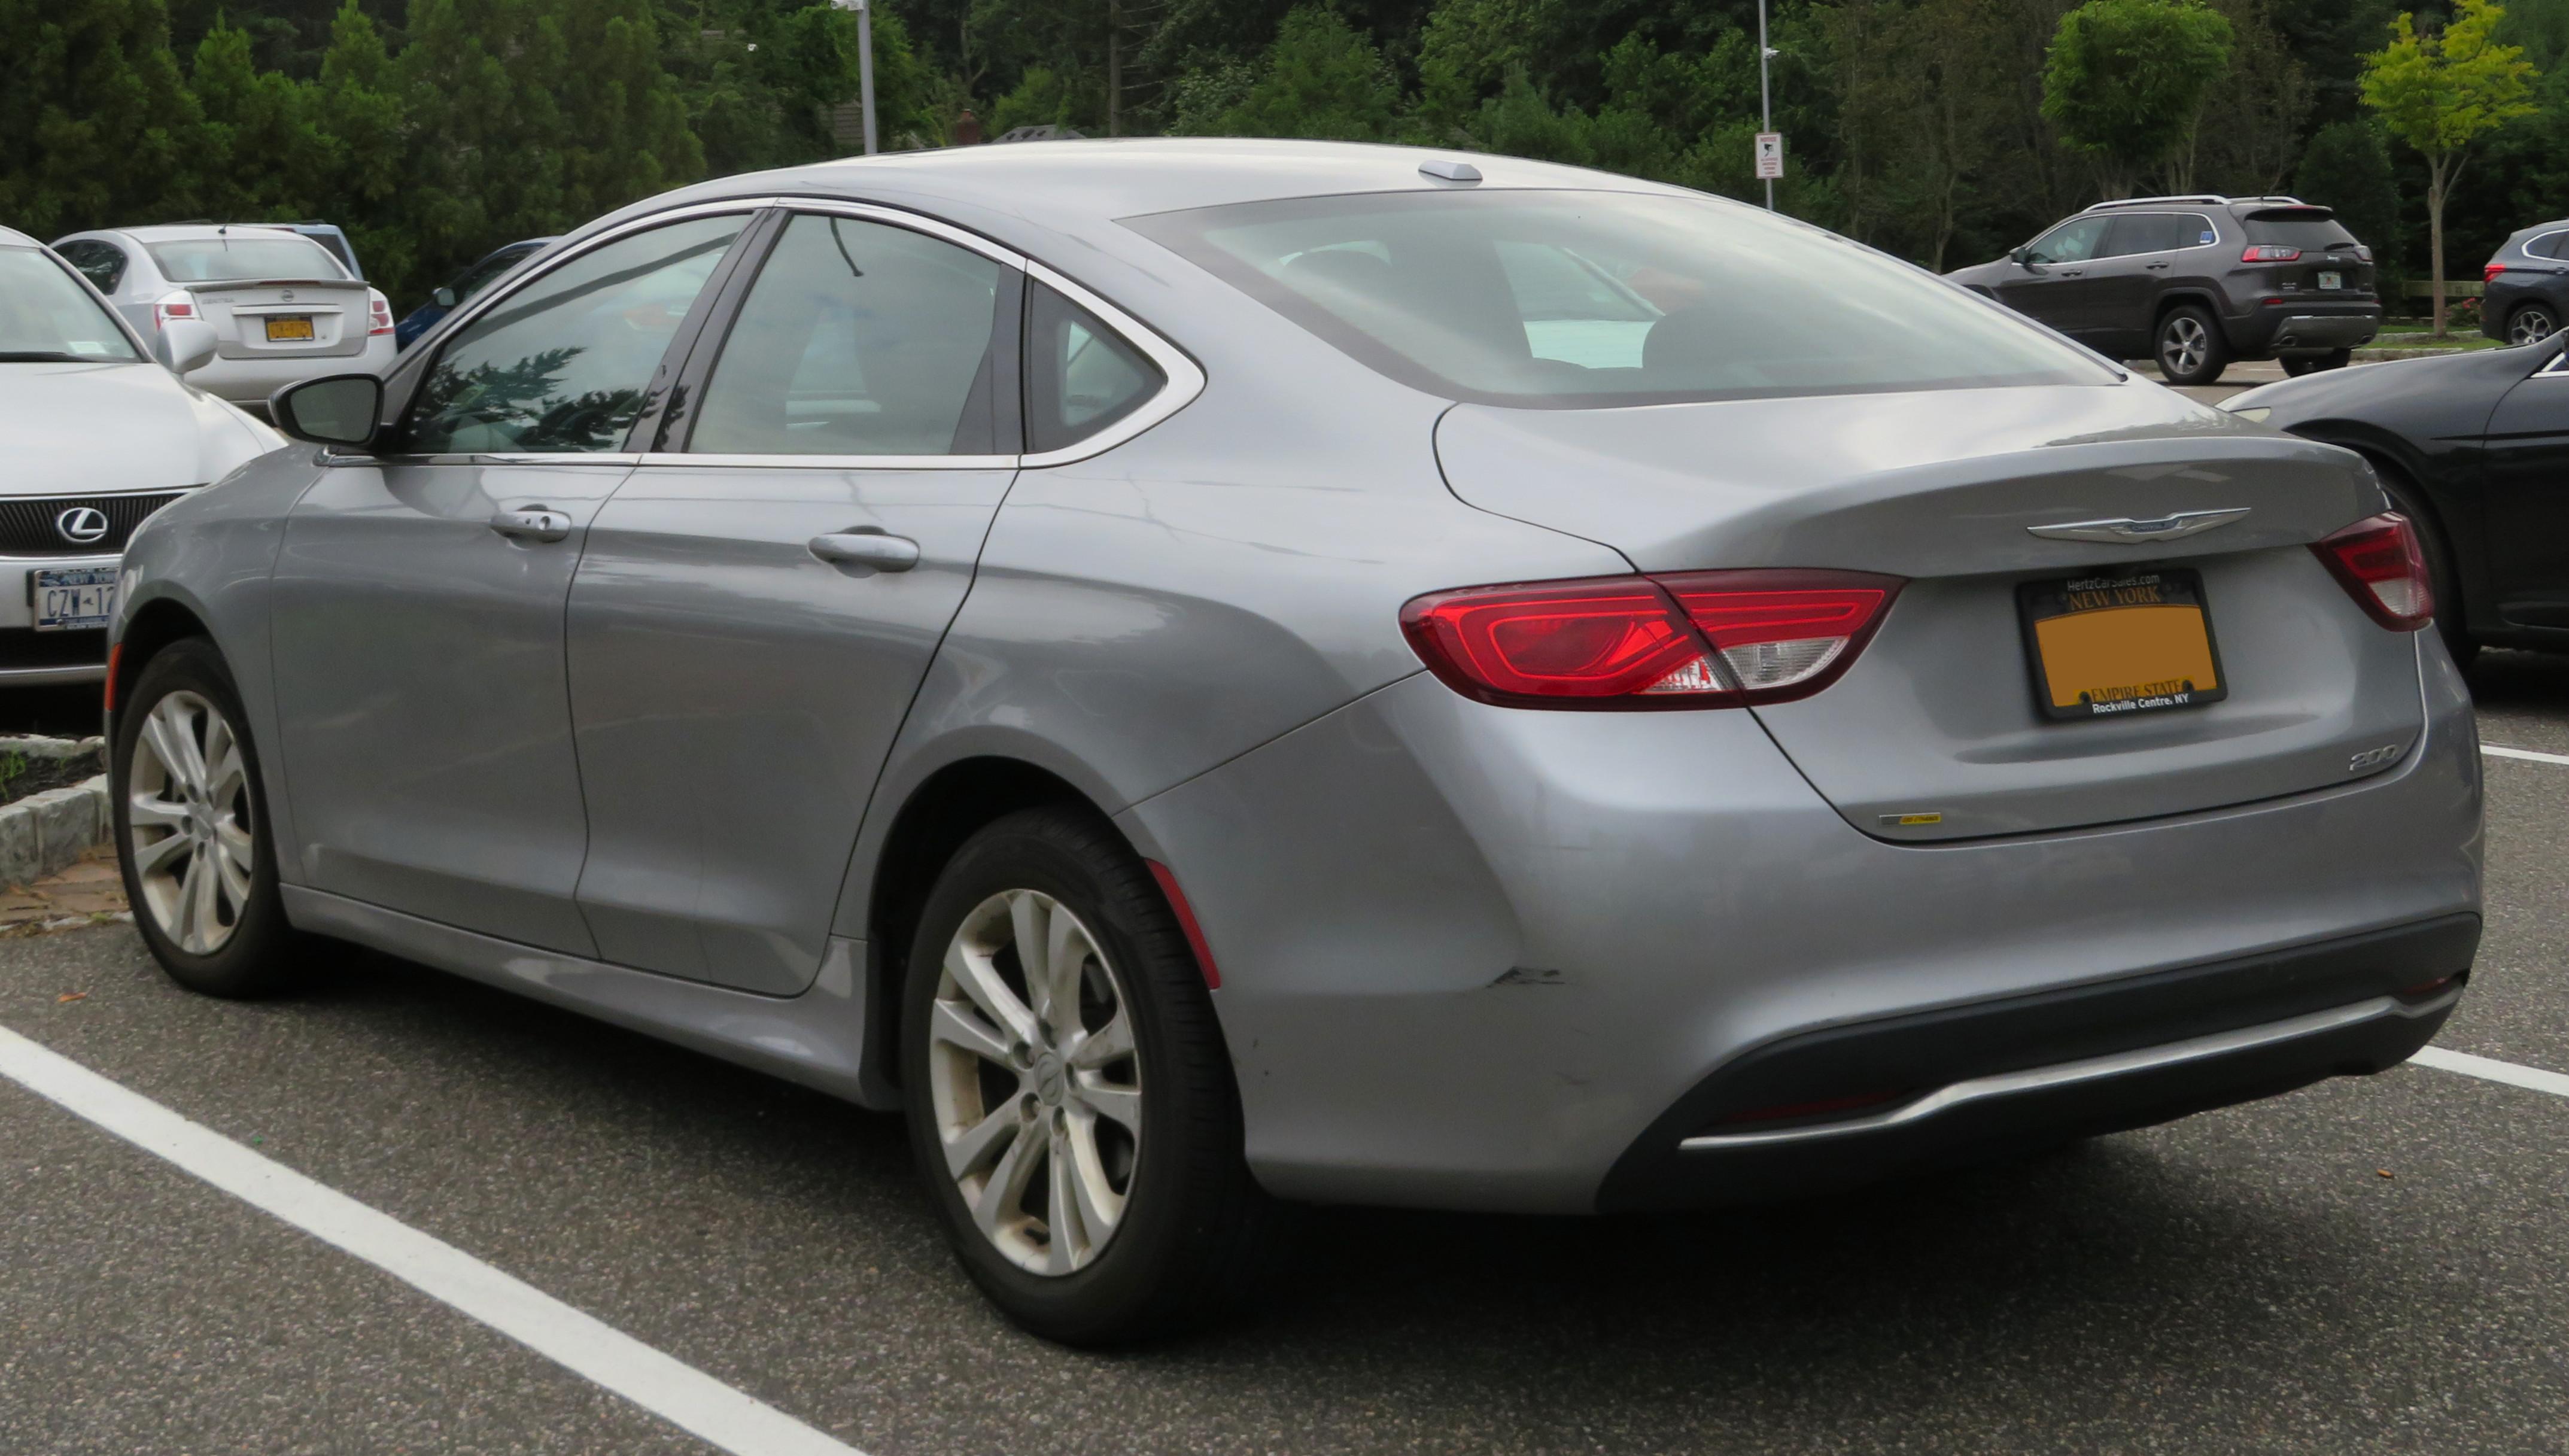 Chrysler 200 Rear >> File 2015 Chrysler 200 Limited 2 4l Rear 8 31 18 Jpg